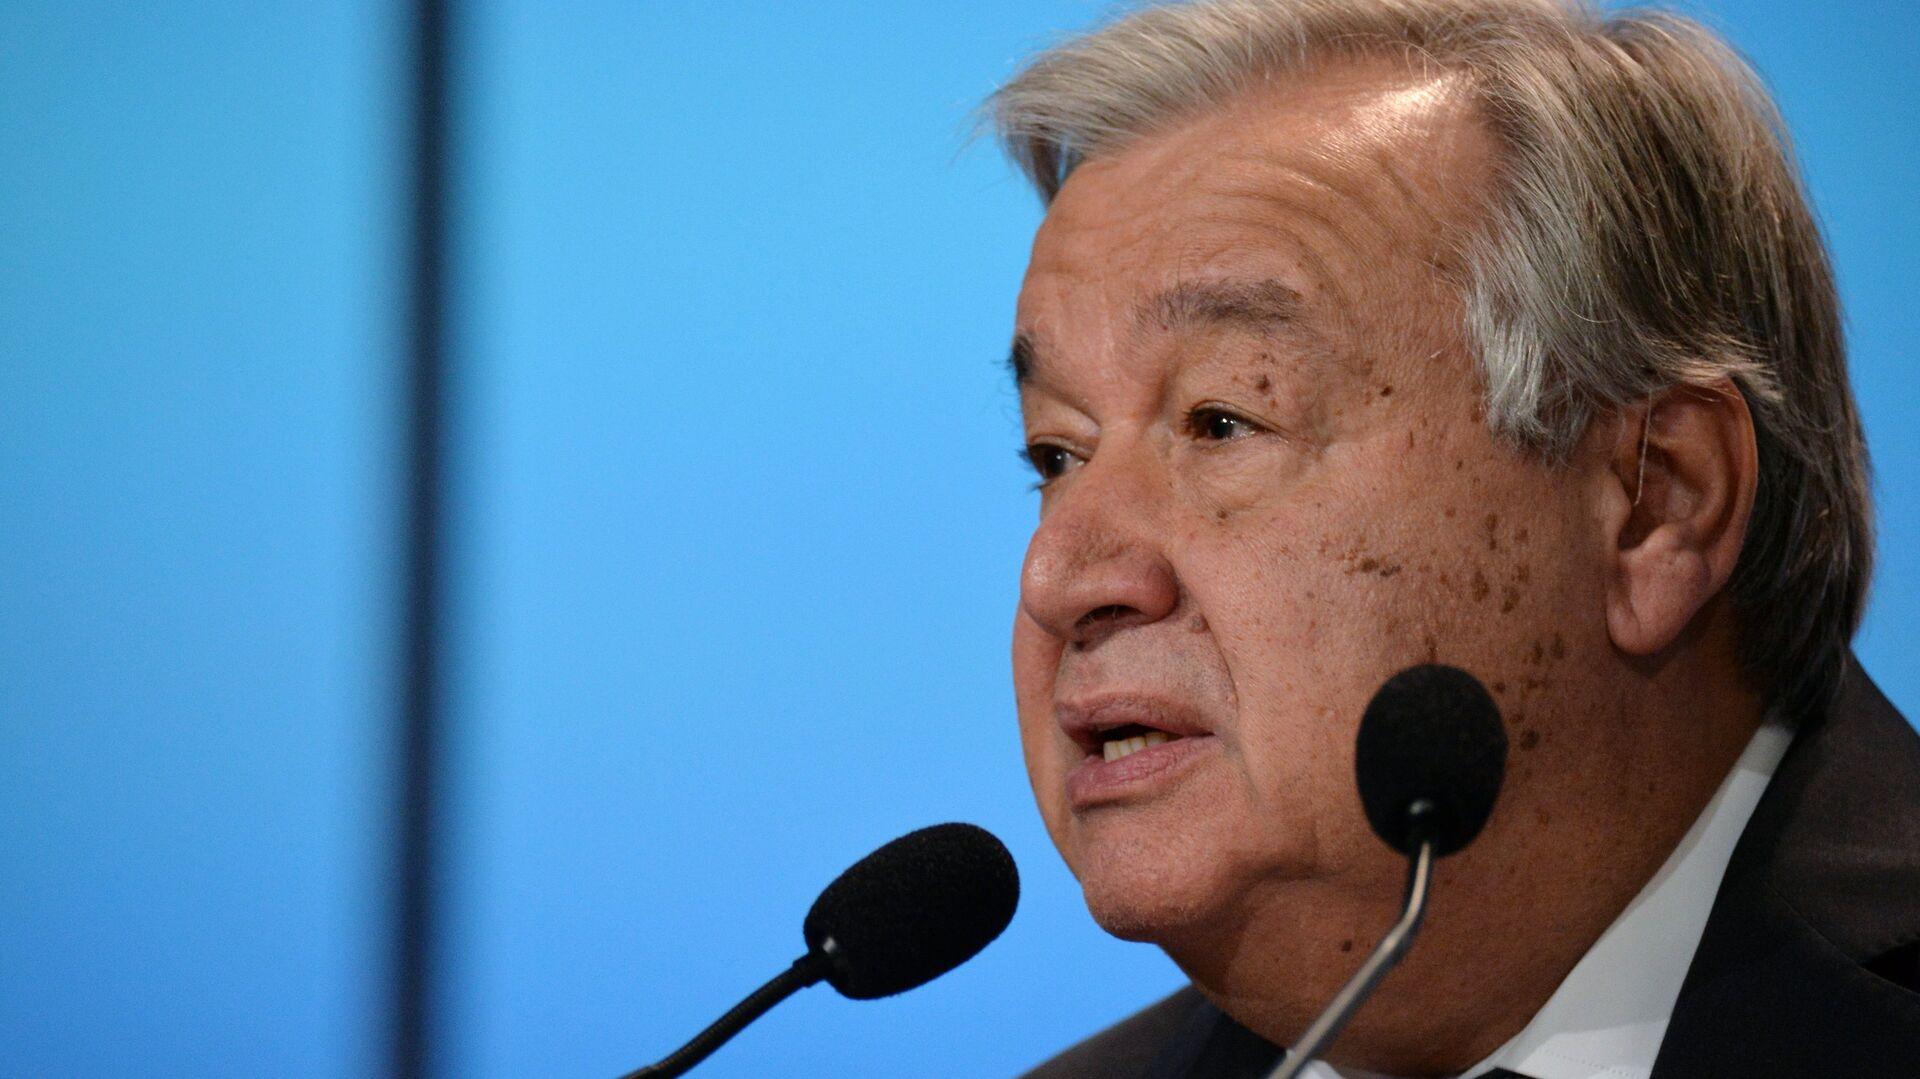 Генеральный секретарь ООН Антониу Гутерреш выступает на открытии 24-й конференции ООН по изменению климата (СОР24) в Катовице. 3 декабря 2018 - РИА Новости, 1920, 22.07.2020